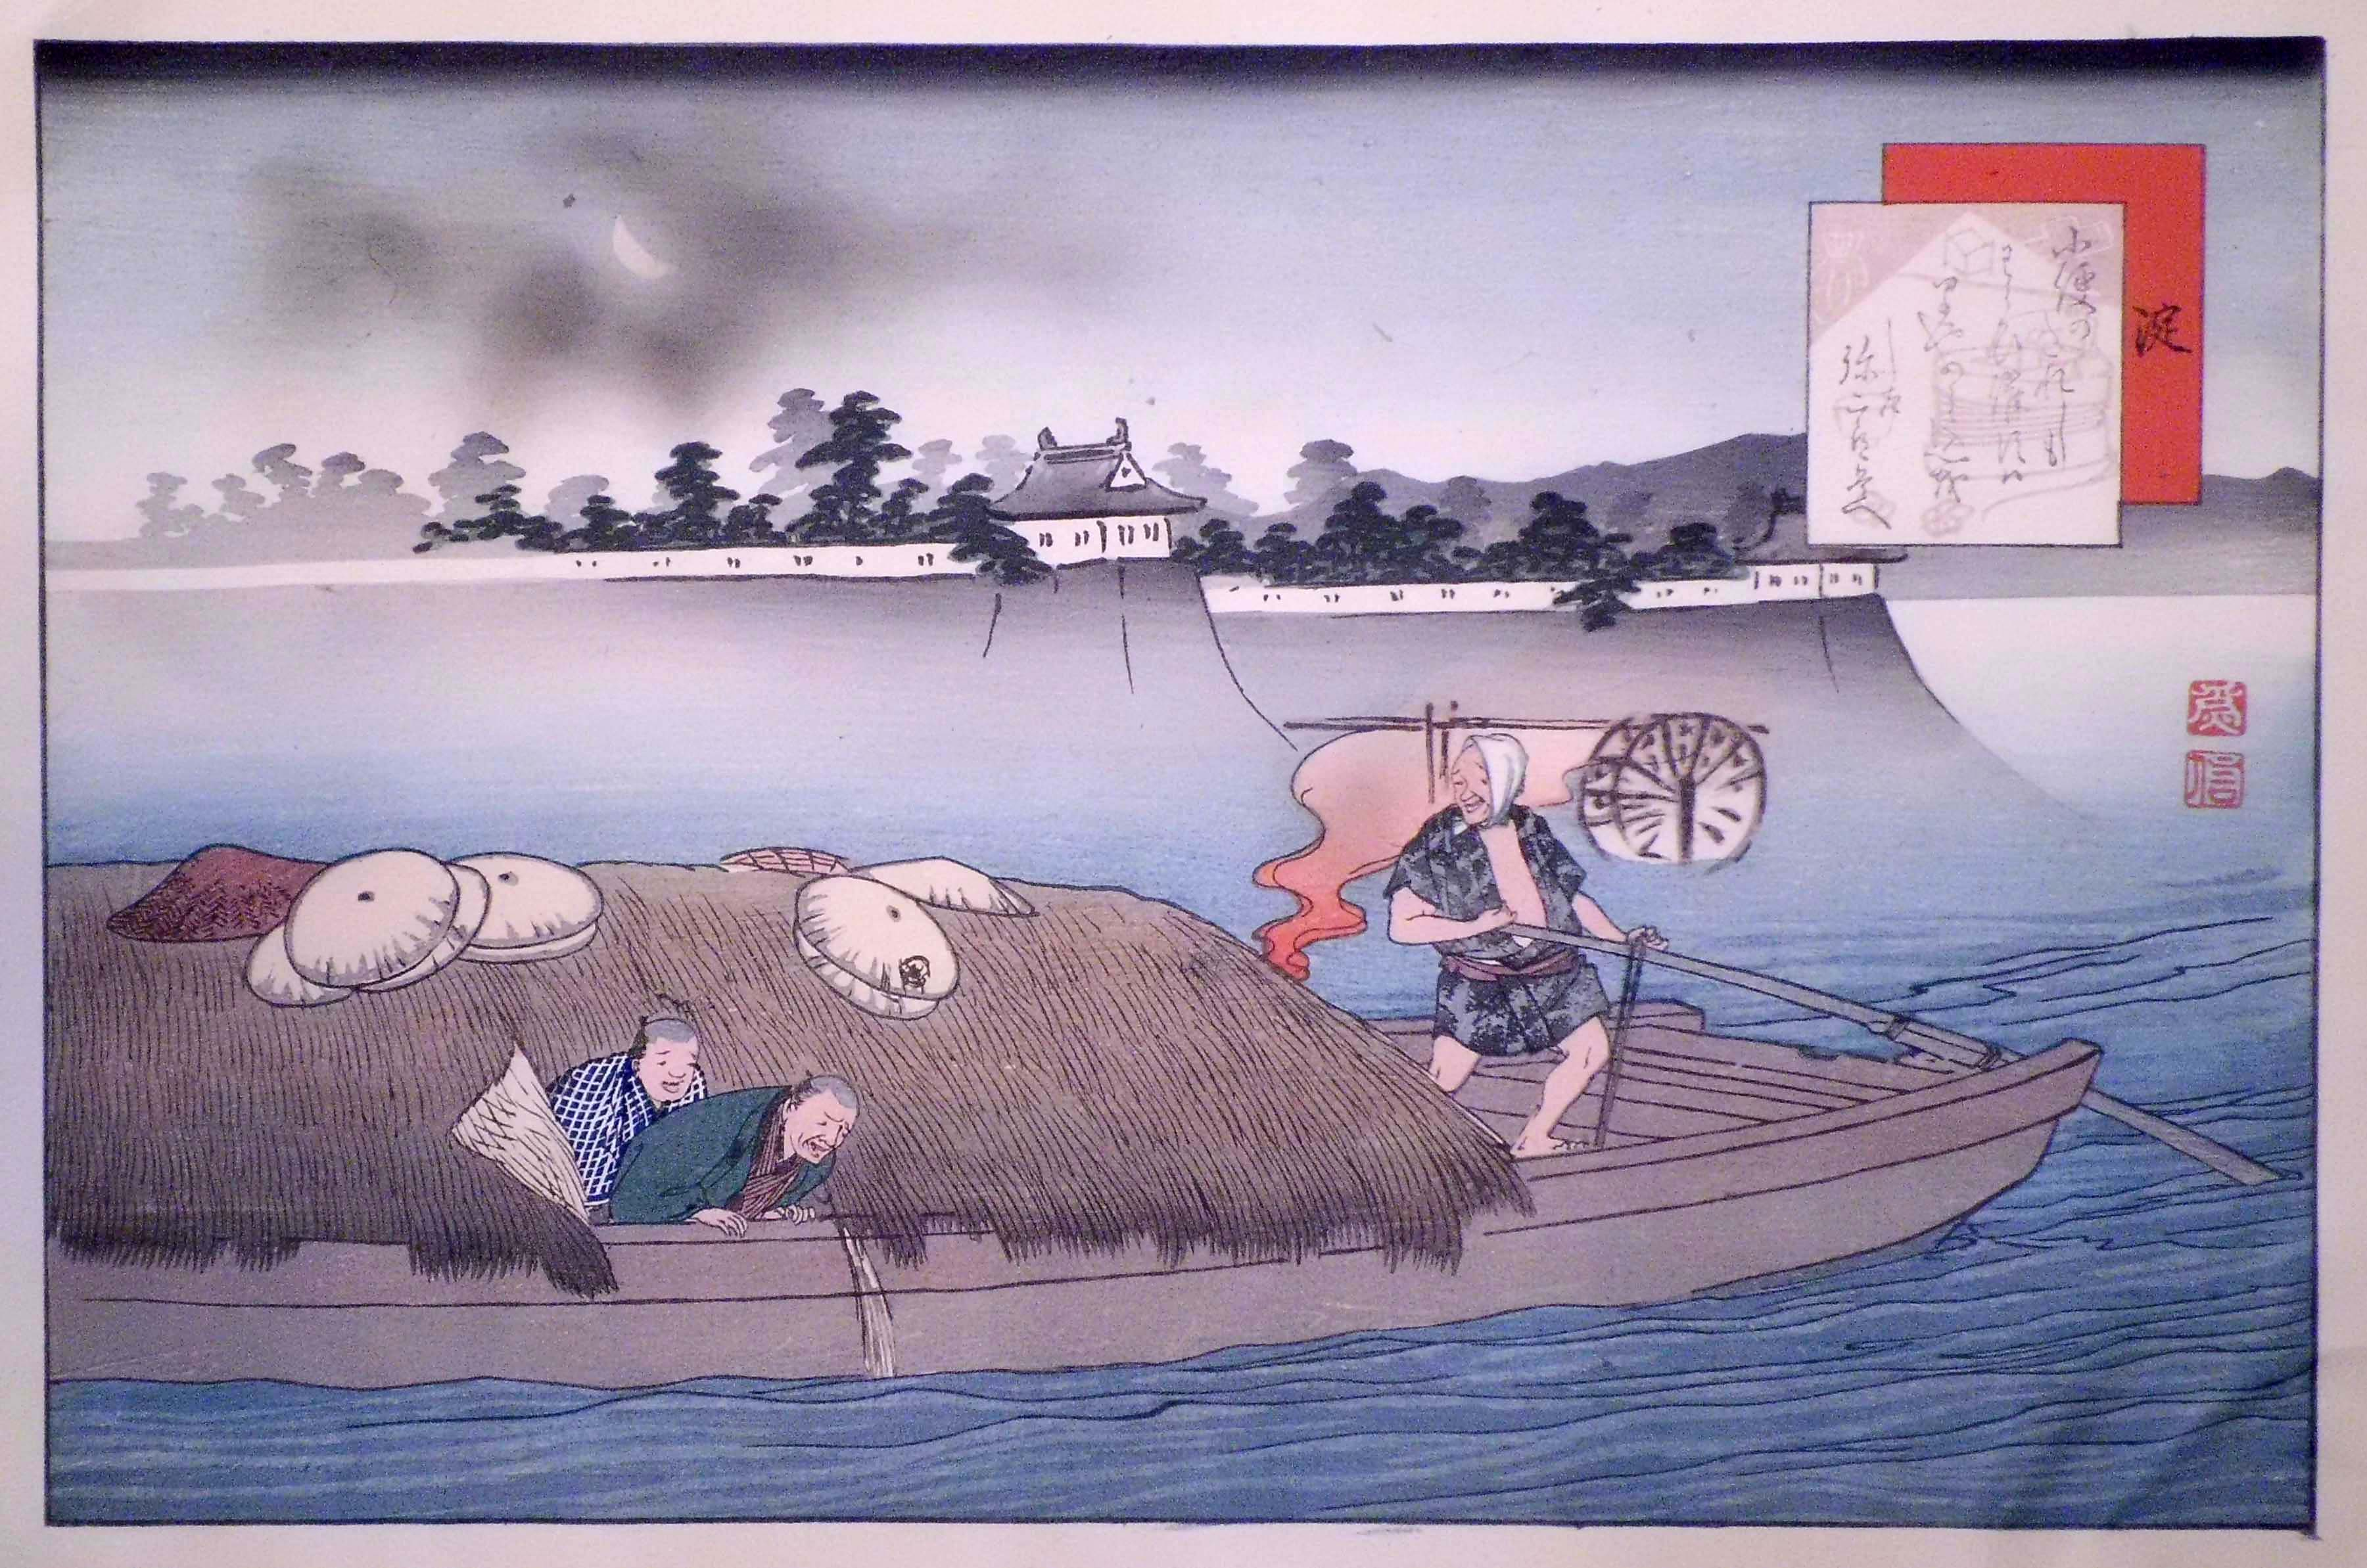 Fujikawa TAMENOBU (attivo nel 1890/1914) – YODO, SECONDA STAZIONE DELLA OSAKA KAIDO